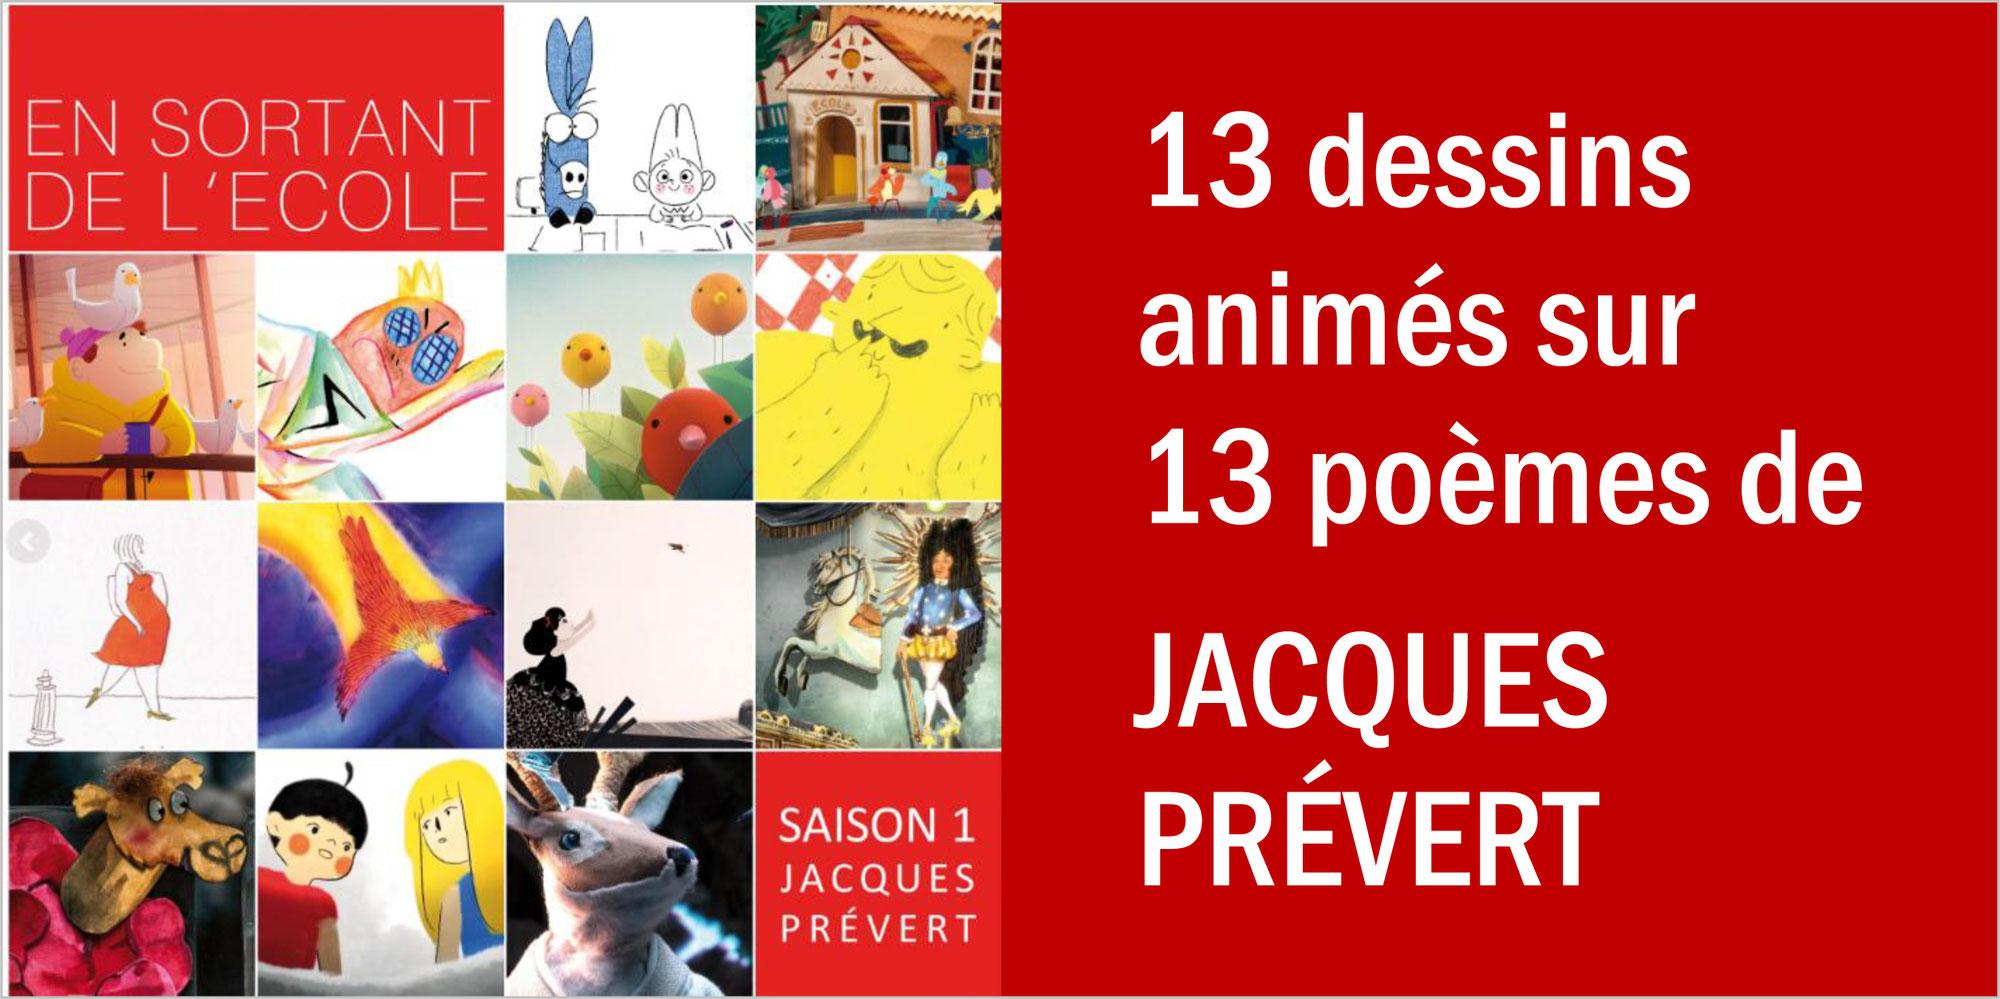 """""""En sortant de l'école"""": 13 dessins animés sur les poèmes de JACQUES PRÉVERT"""